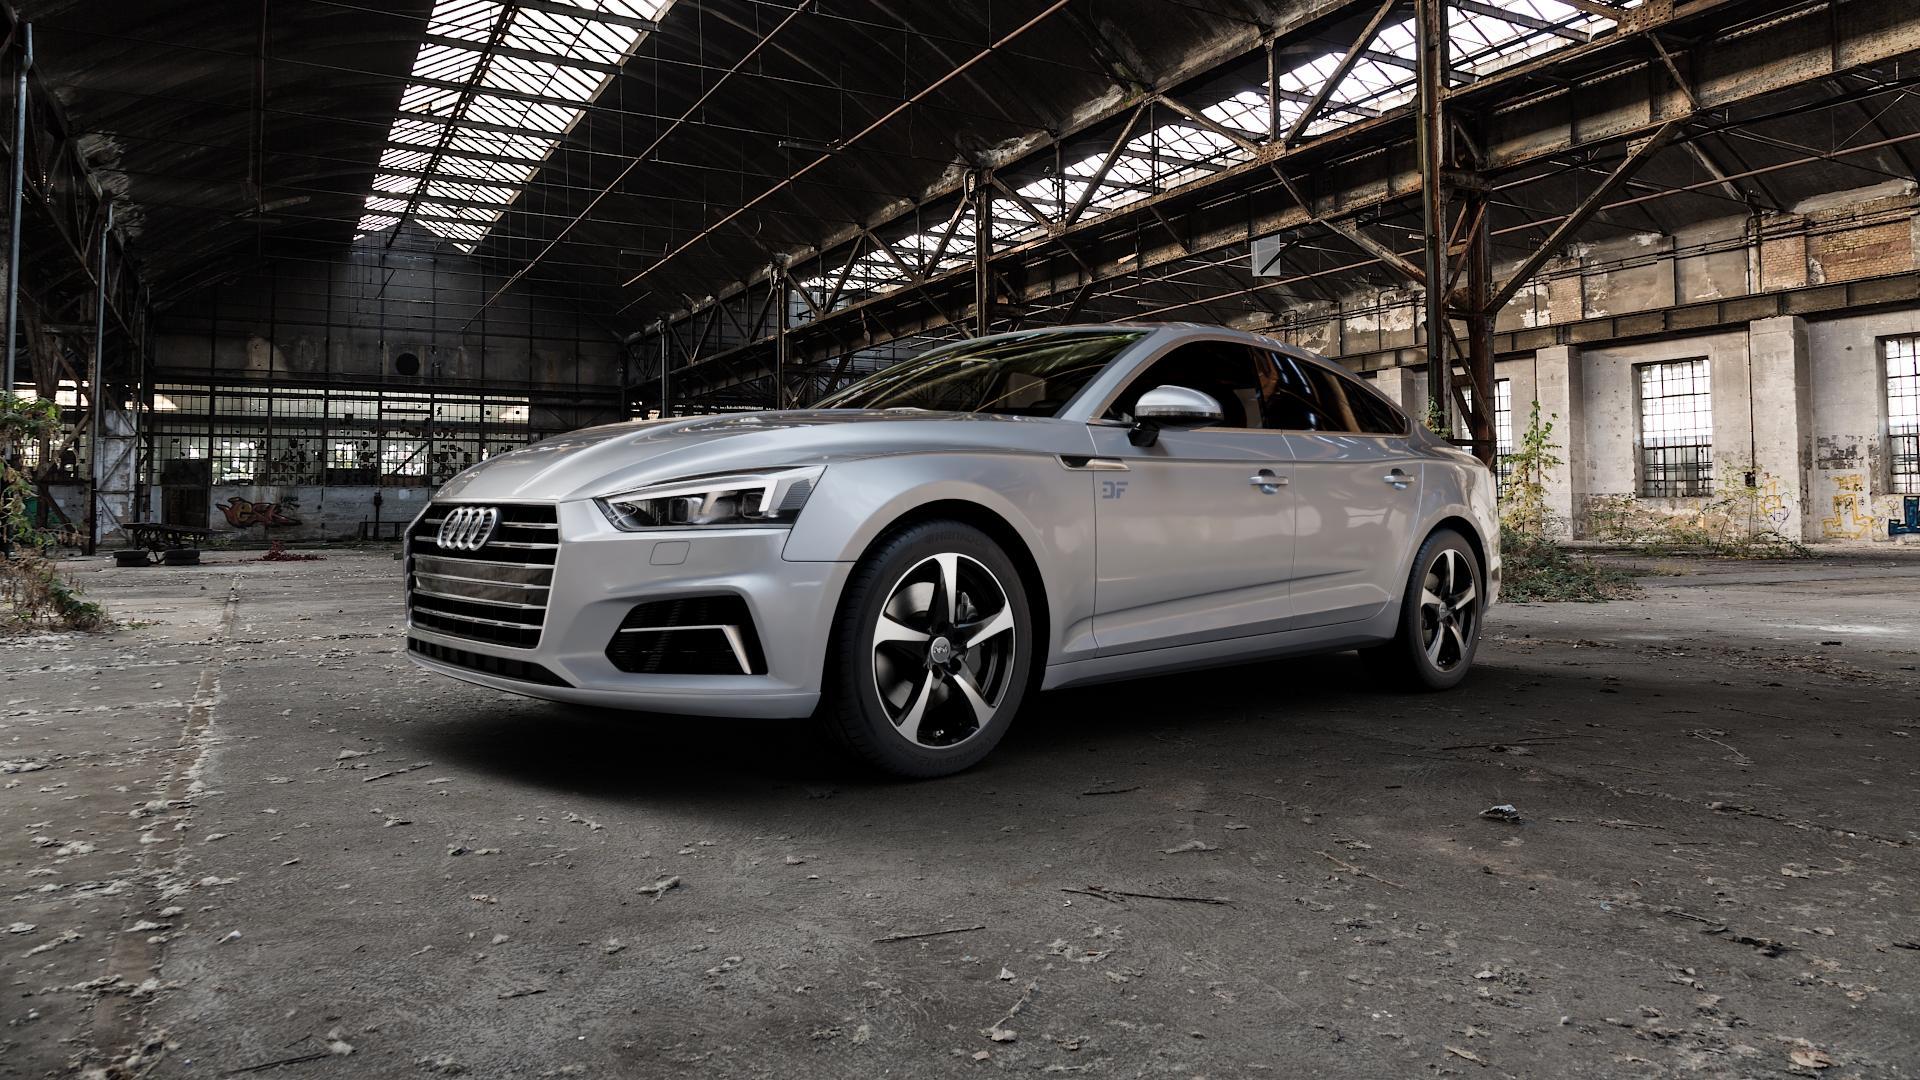 DBV 5SP 001 schwarz glänzend, front poliert Felge mit Reifen mehrfarbig in 17Zoll Alufelge auf silbernem Audi A5 Typ B9 (Sportback) 2,0l TDI 140kW (190 PS) quattro TFSI 185kW (252 3,0l 160kW (218 200kW (272 1,4l 110kW (150 183kW (249 g-tron 125kW (170 Mild-Hybrid 100kW (136 210kW (286 45 180kW (245 35 40 50 170kW (231 120kW (163 30 ⬇️ mit 15mm